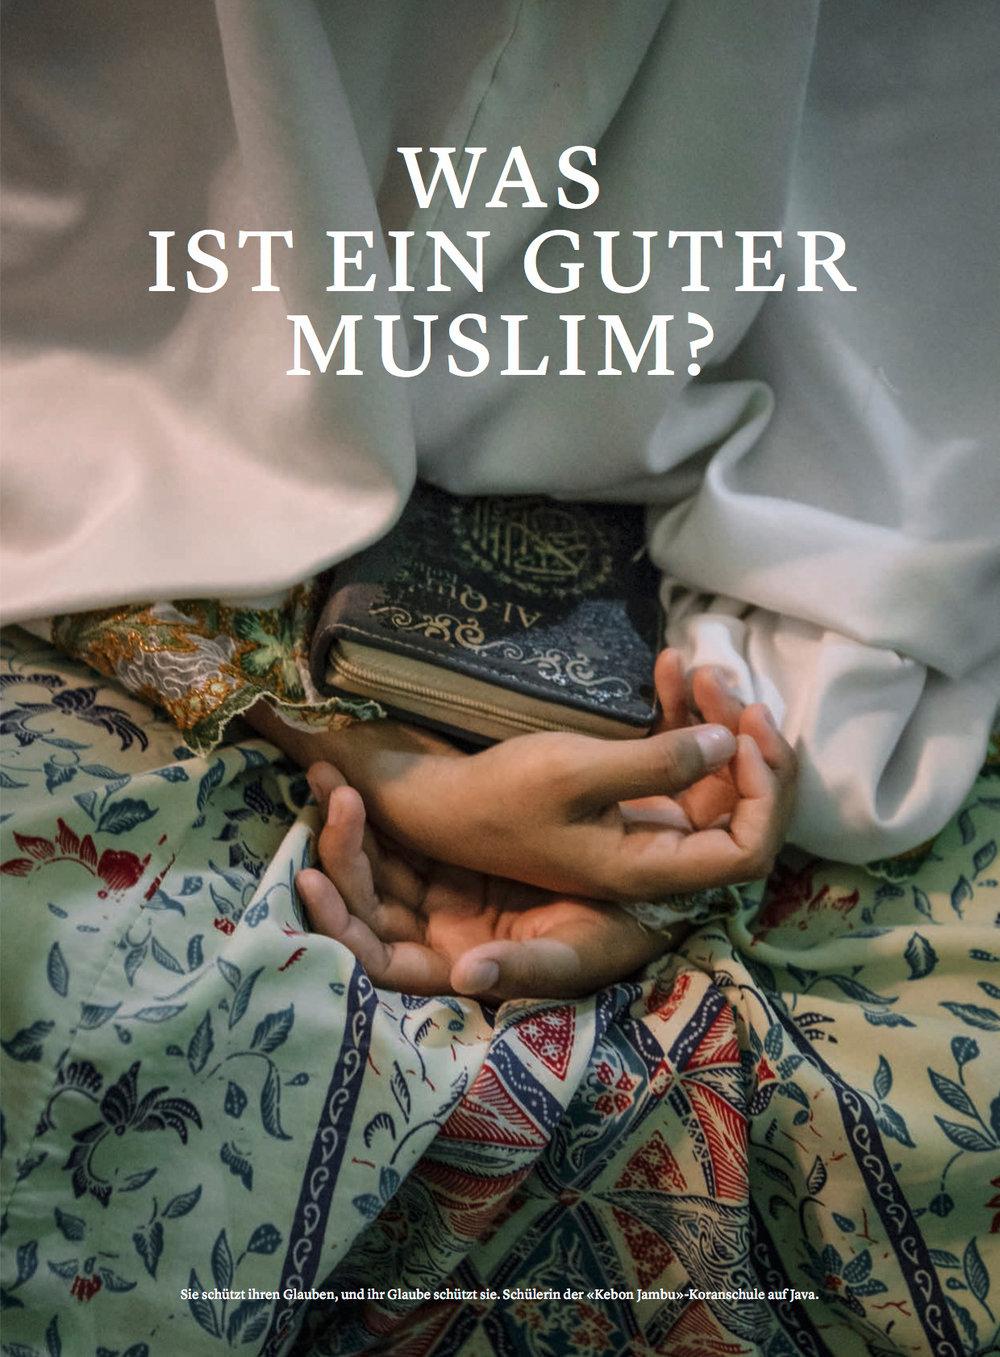 XDas Magazin - Islam 01.jpg